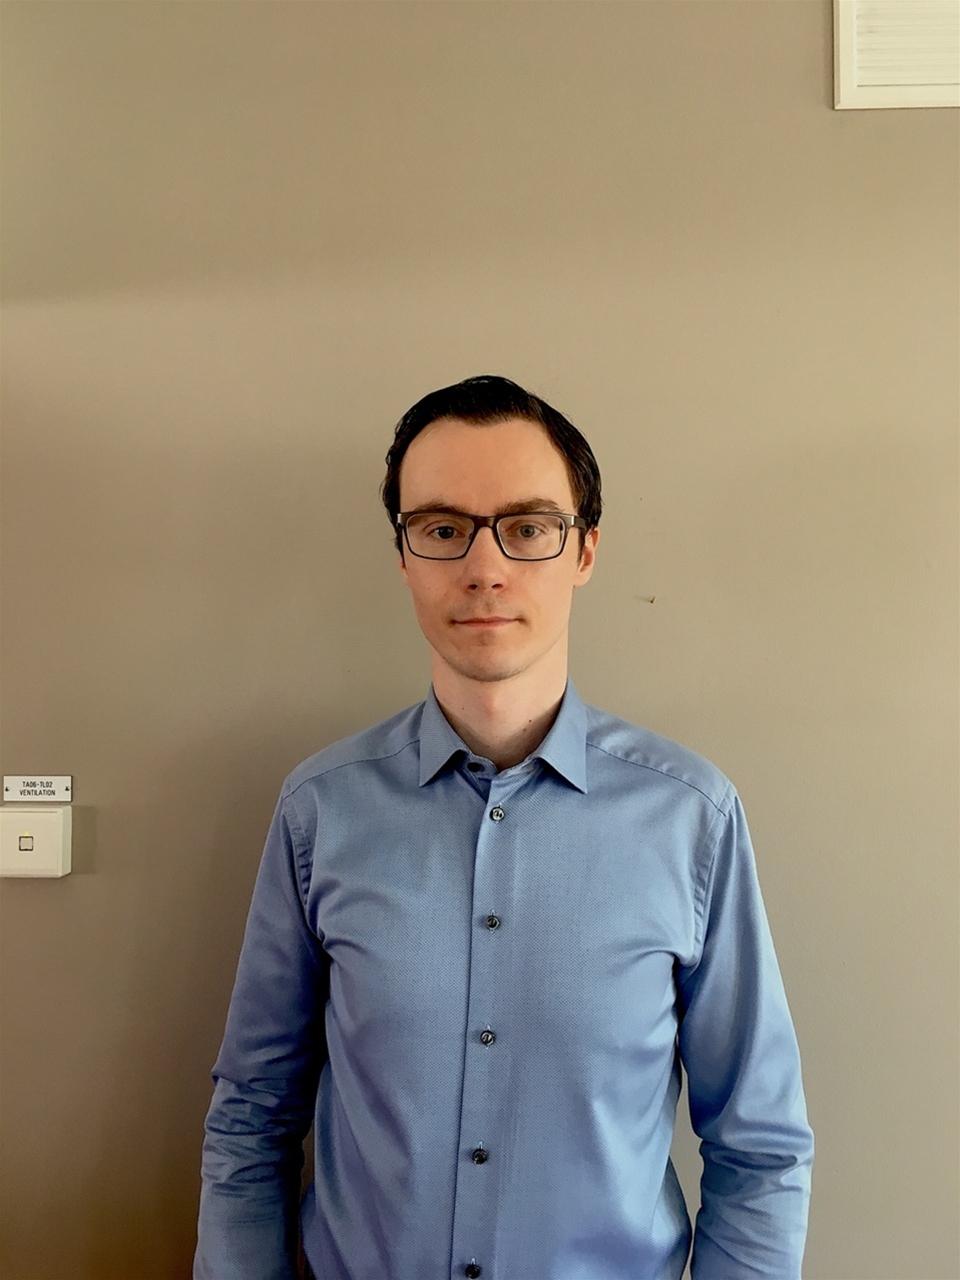 Mikael Bäckström är Sveriges förste trafikåklagare. Han ska göra svensk polis och åklagare effektivare. – Från 1 maj är jag ansvarig för ärenden som gäller företagsböter inom trafikområdet, säger han.